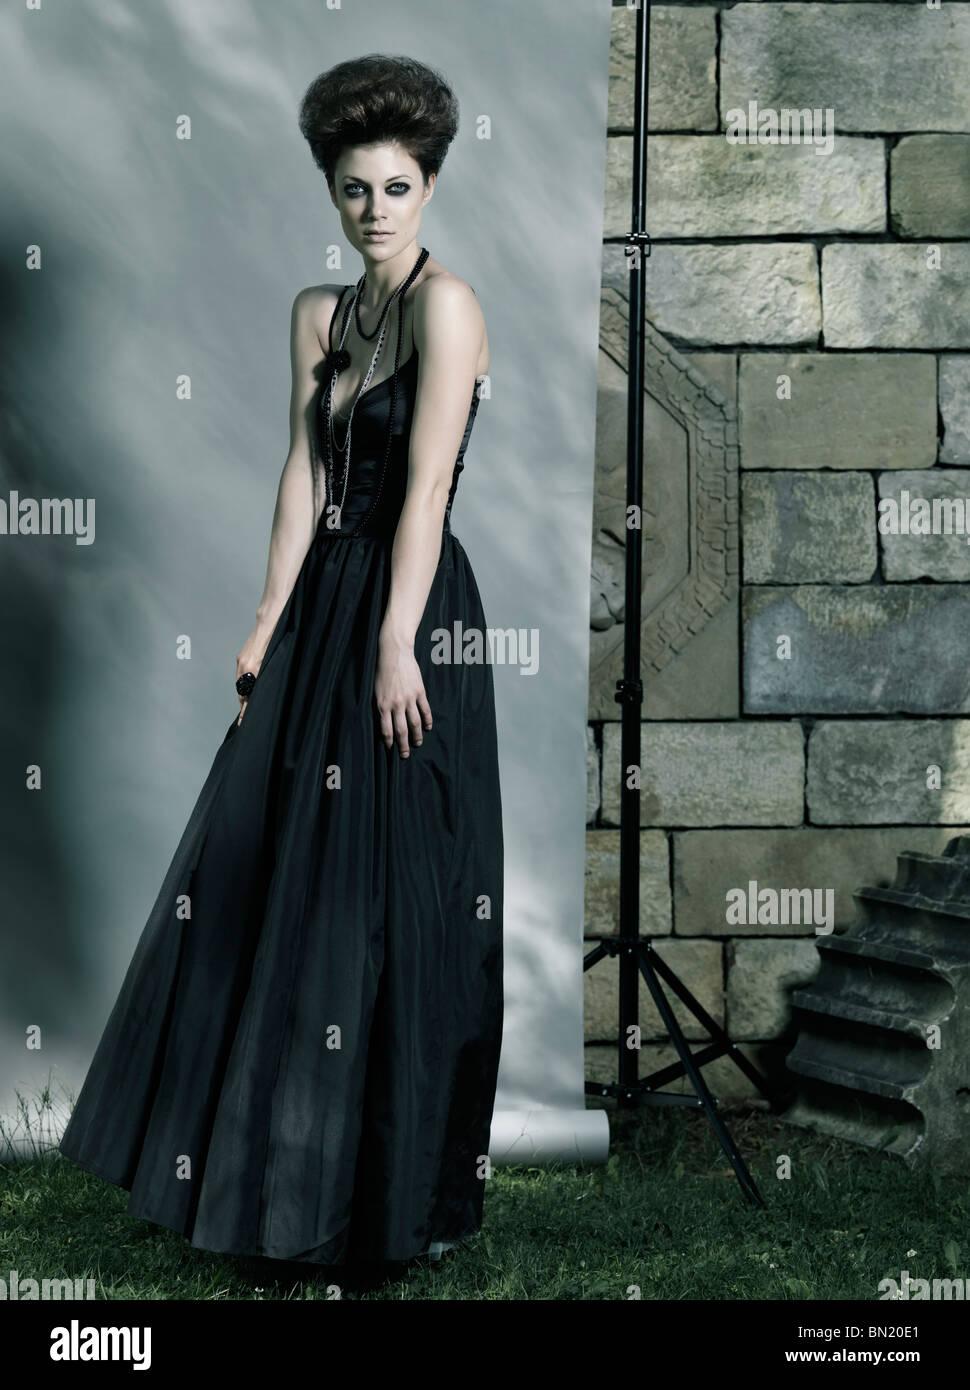 High-Fashion Foto einer schönen Frau mit langen schwarzen Kleid Stockbild